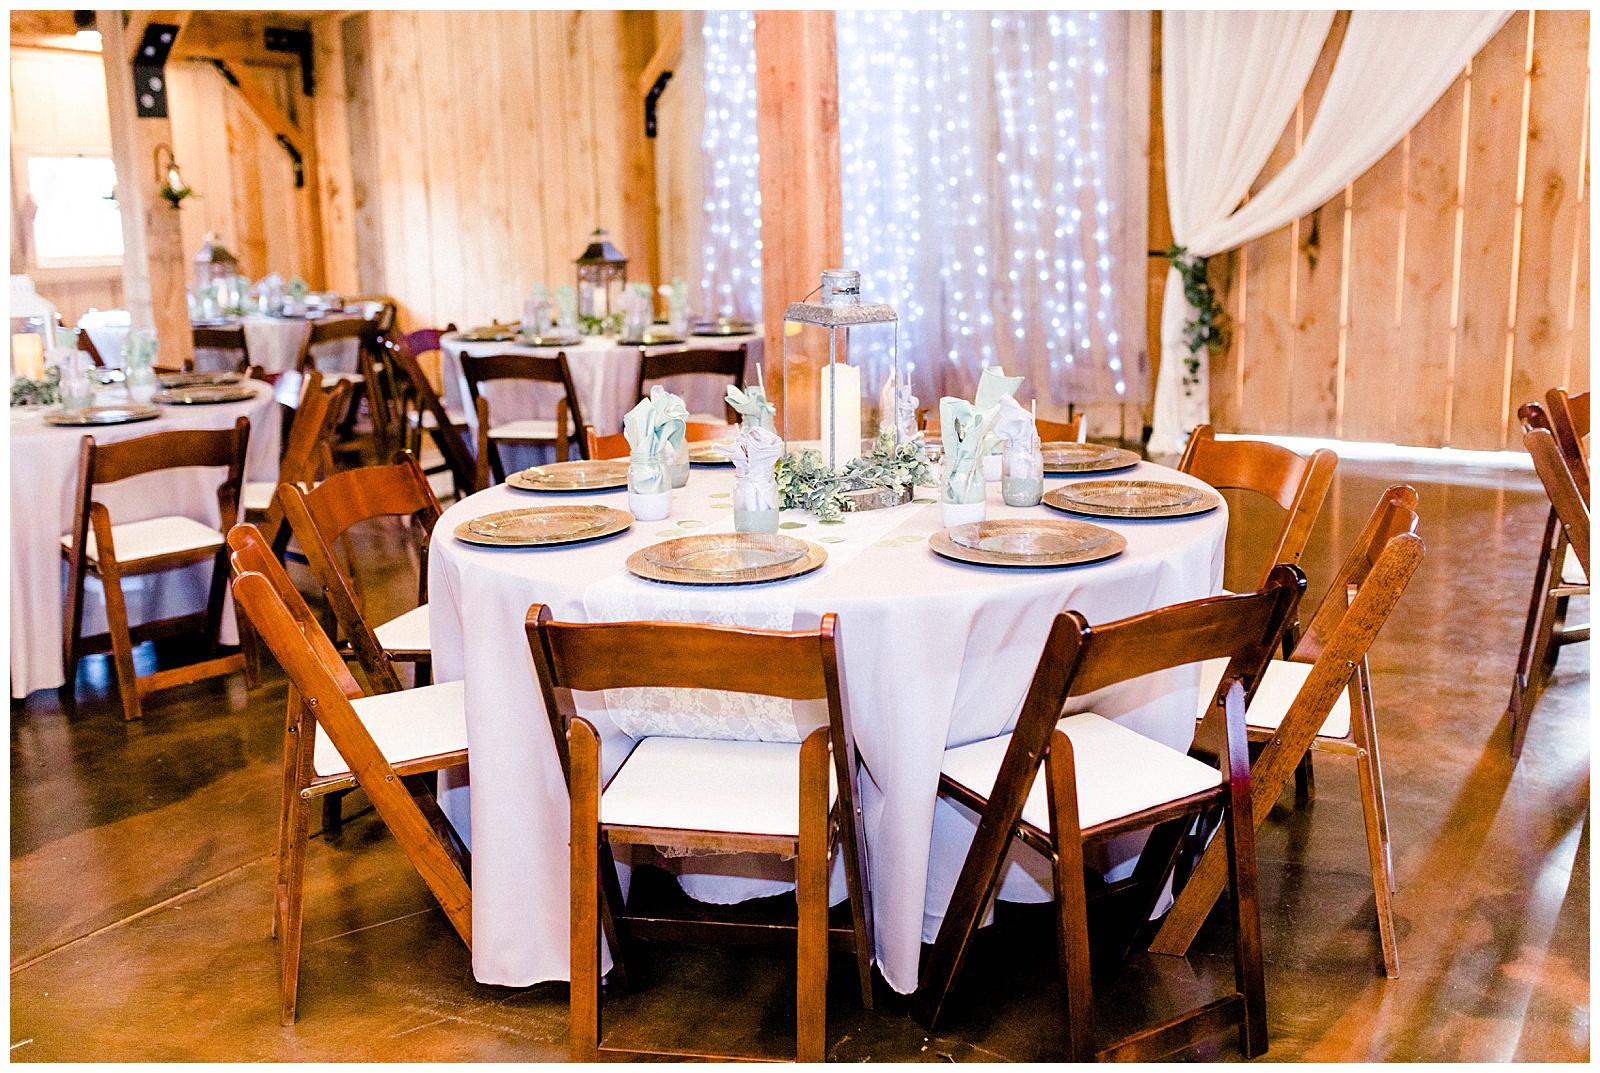 Lewis-Kara-Blakeman-Photography-Huntington-West-Virginia-Wedding-Barn-Olde-Homestead-54